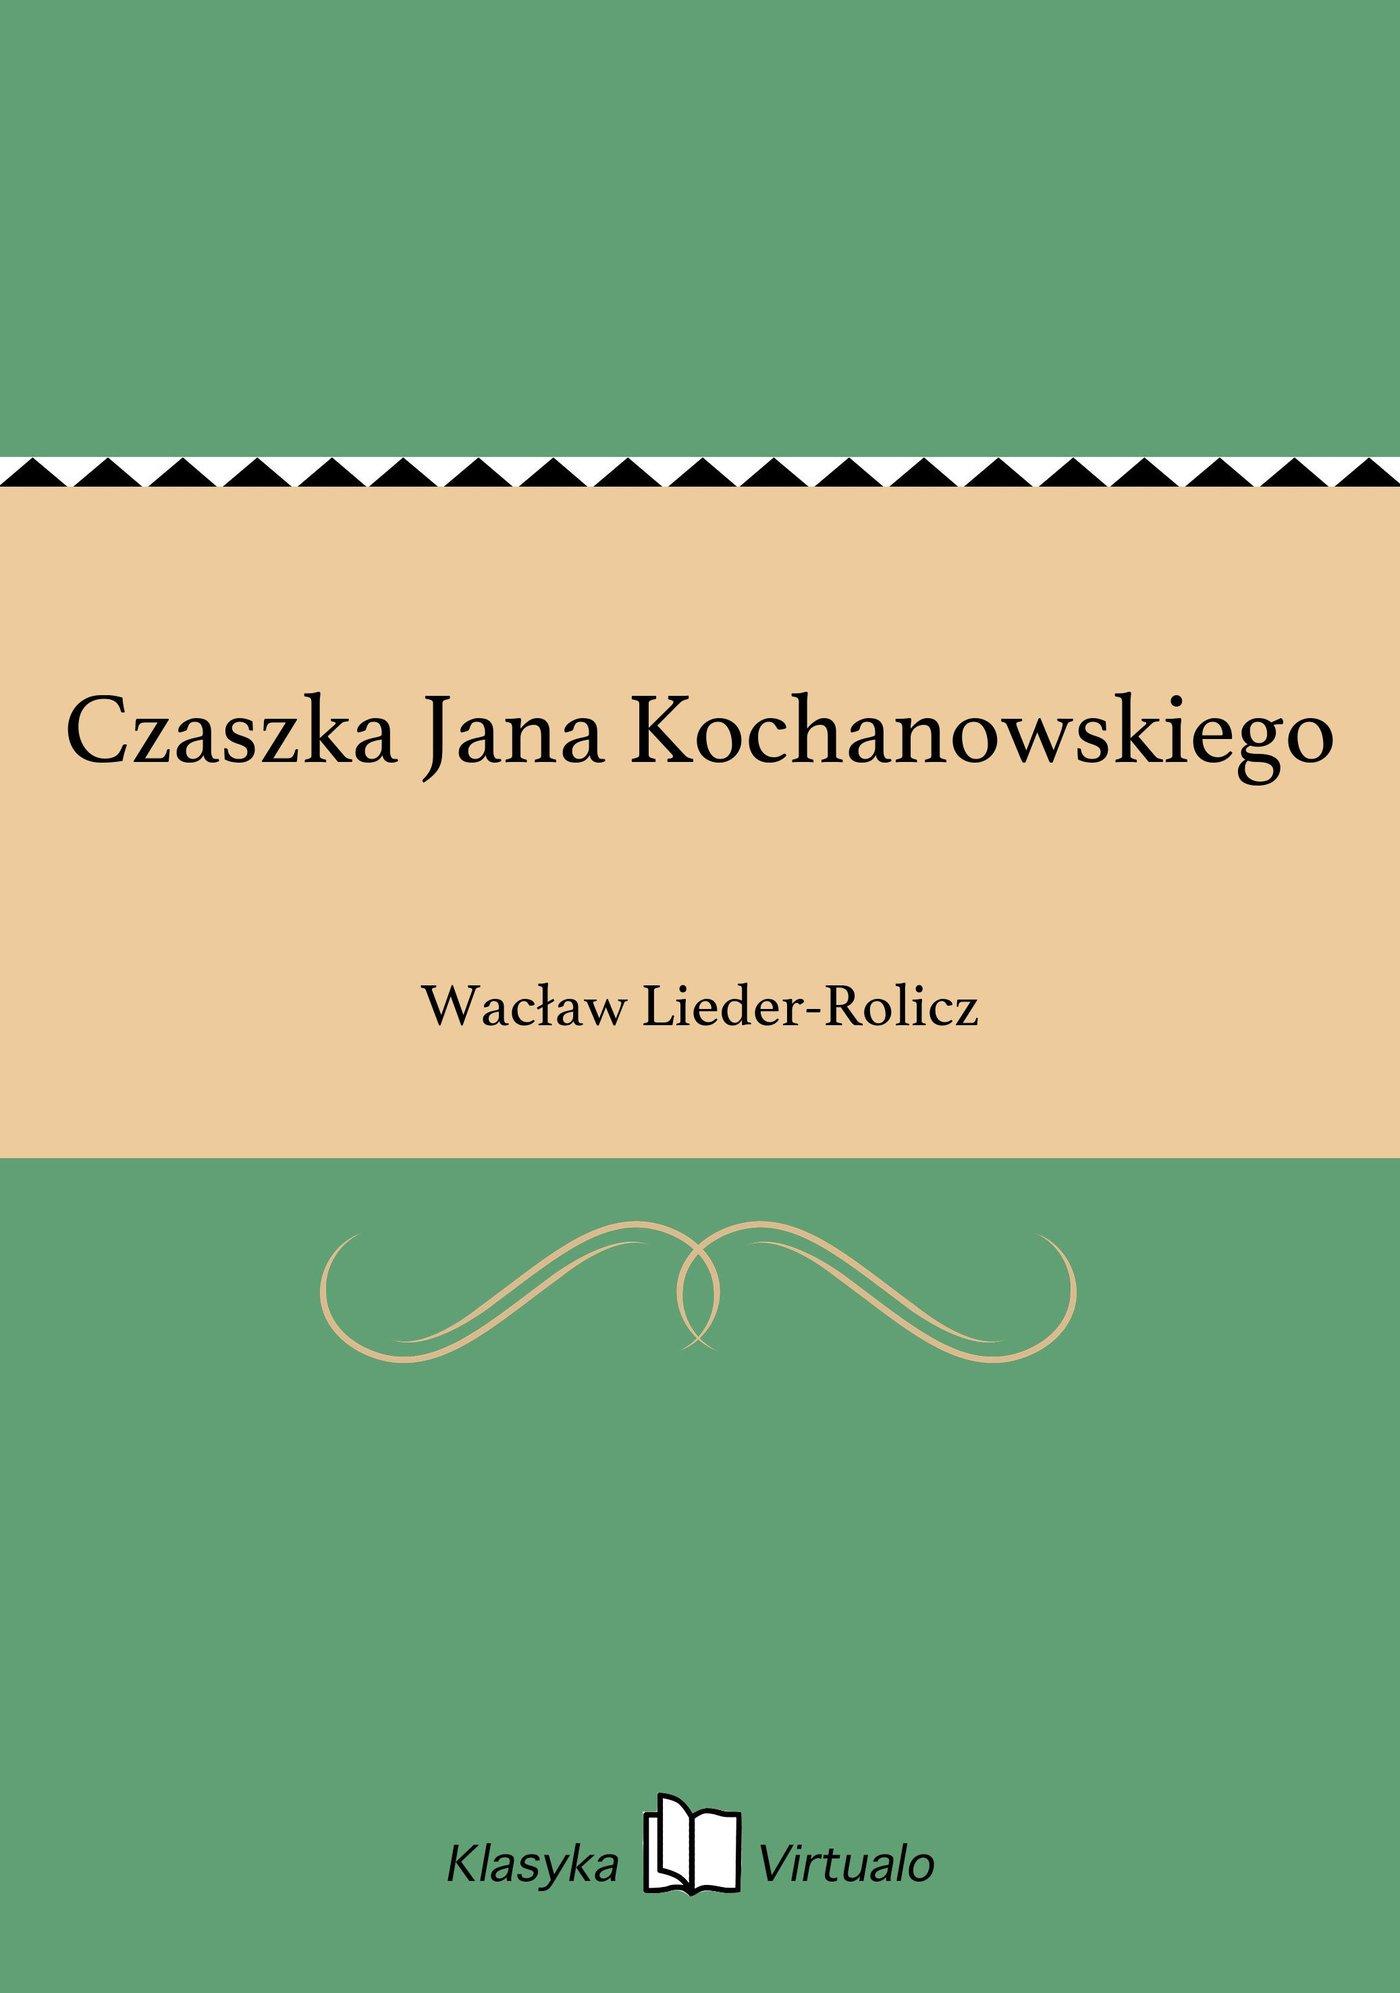 Czaszka Jana Kochanowskiego - Ebook (Książka EPUB) do pobrania w formacie EPUB